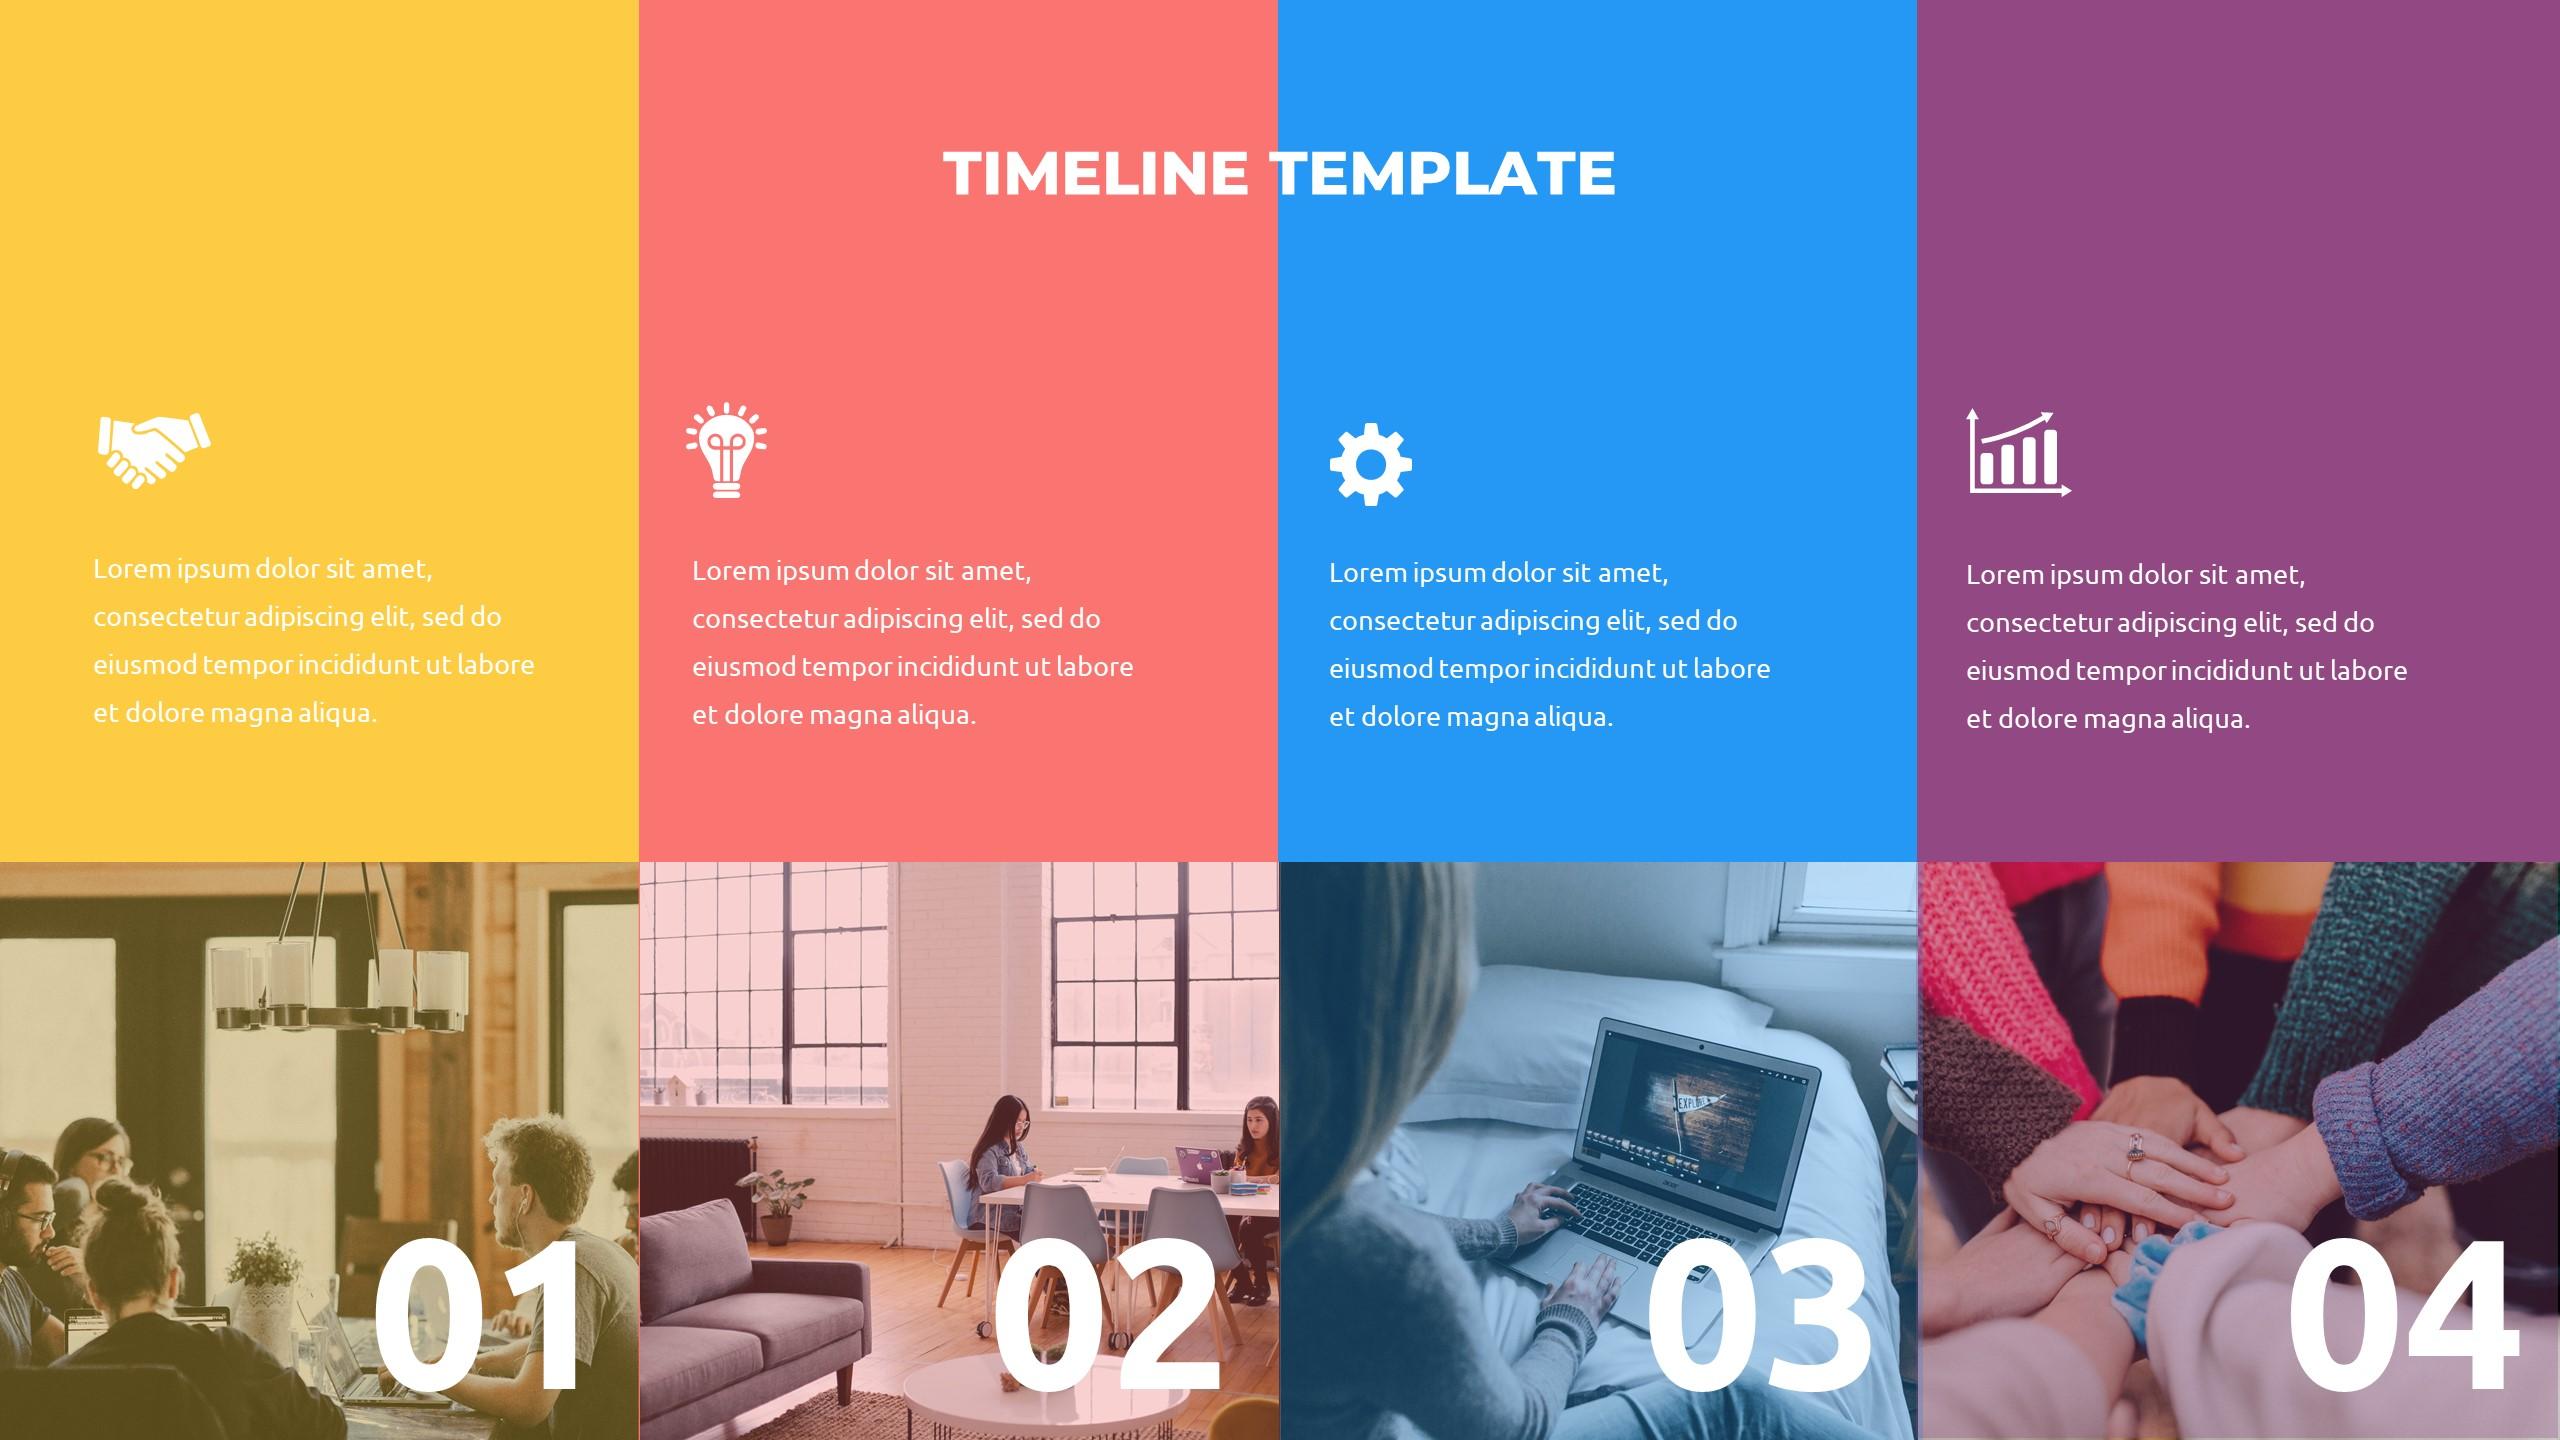 36 Timeline Presentation Templates: Powerpoint, Google Slides, Keynote - Slide5 1